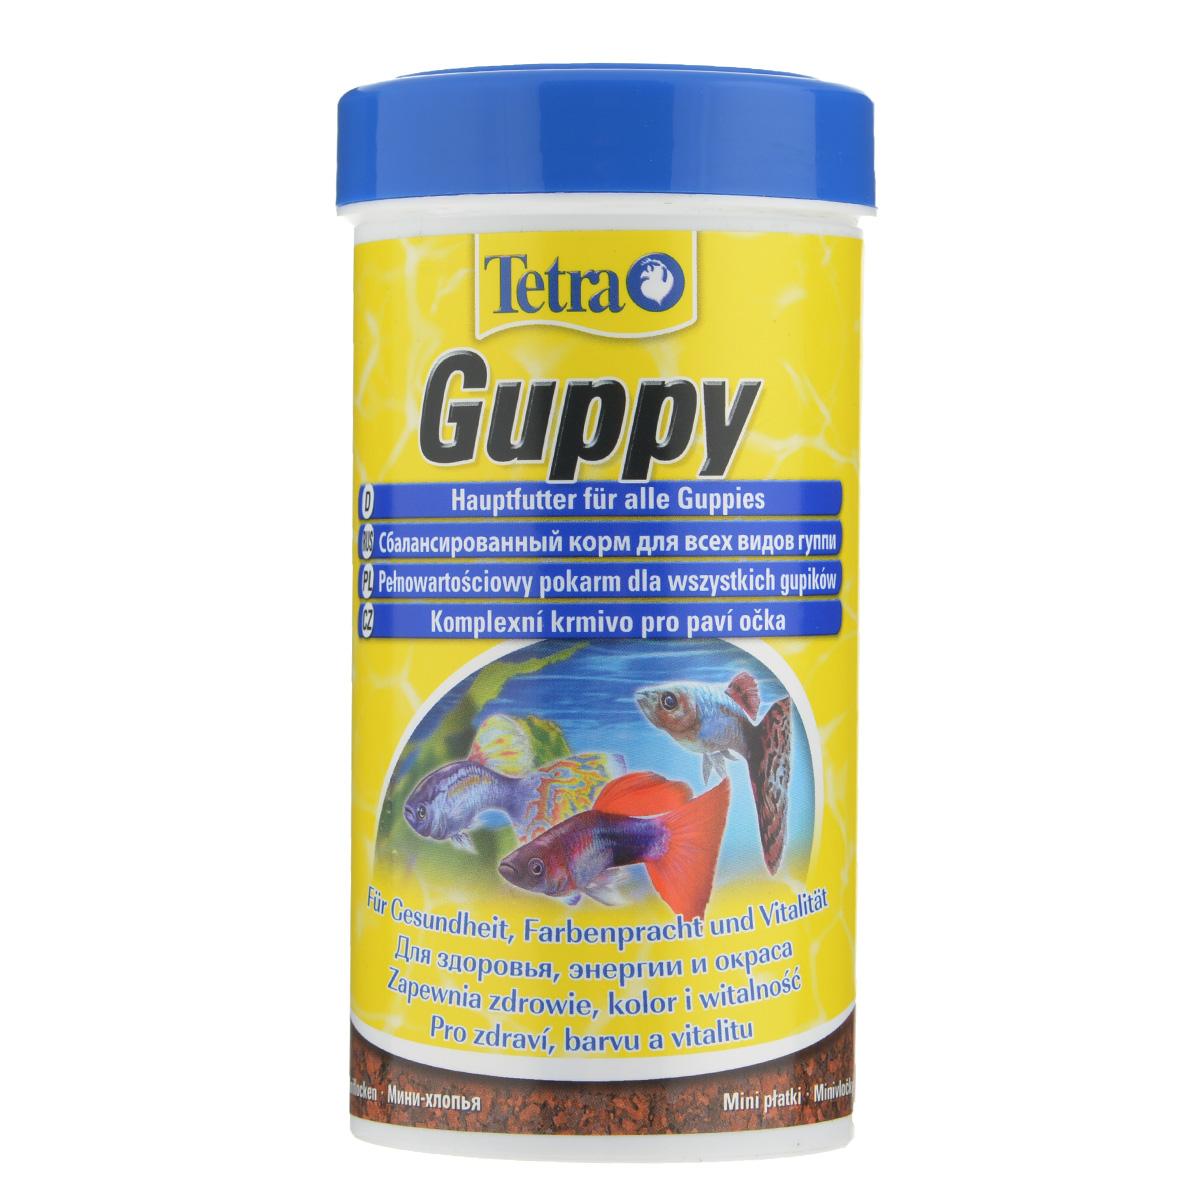 Корм Tetra Guppy для всех видов гуппи, в виде мини-хлопьев, 250 мл101246Корм Tetra Guppy - это высококачественный сбалансированный питательный корм в виде мини-хлопьев для всех видов гуппи, а также для других живородящих аквариумных рыб. Особенности Tetra Guppy:мини-хлопья изготовлены специально для маленьких ртов гуппи и других живородящих рыб,высокое содержание растительных ингредиентов и минералов для улучшения вкусовых качеств и роста,усилители окраса для ярких цветов. Рекомендации по кормлению: кормить несколько раз в день маленькими порциями. Характеристики: Состав: экстракты растительного белка, зерновые культуры, дрожжи, моллюски и раки, масла и жиры, водоросли, сахар, минеральные вещества.Пищевая ценность: сырой белок - 45%, сырые масла и жиры - 8%, сырая клетчатка - 4,0%, влага - 8%.Добавки: витамины, провитамины и химические вещества с аналогичным воздействием: витамин А 27800 МЕ/кг, витамин Д3 850 МЕ/кг. Красители, антиоксиданты. Вес: 250 мл (75 г).Товар сертифицирован.